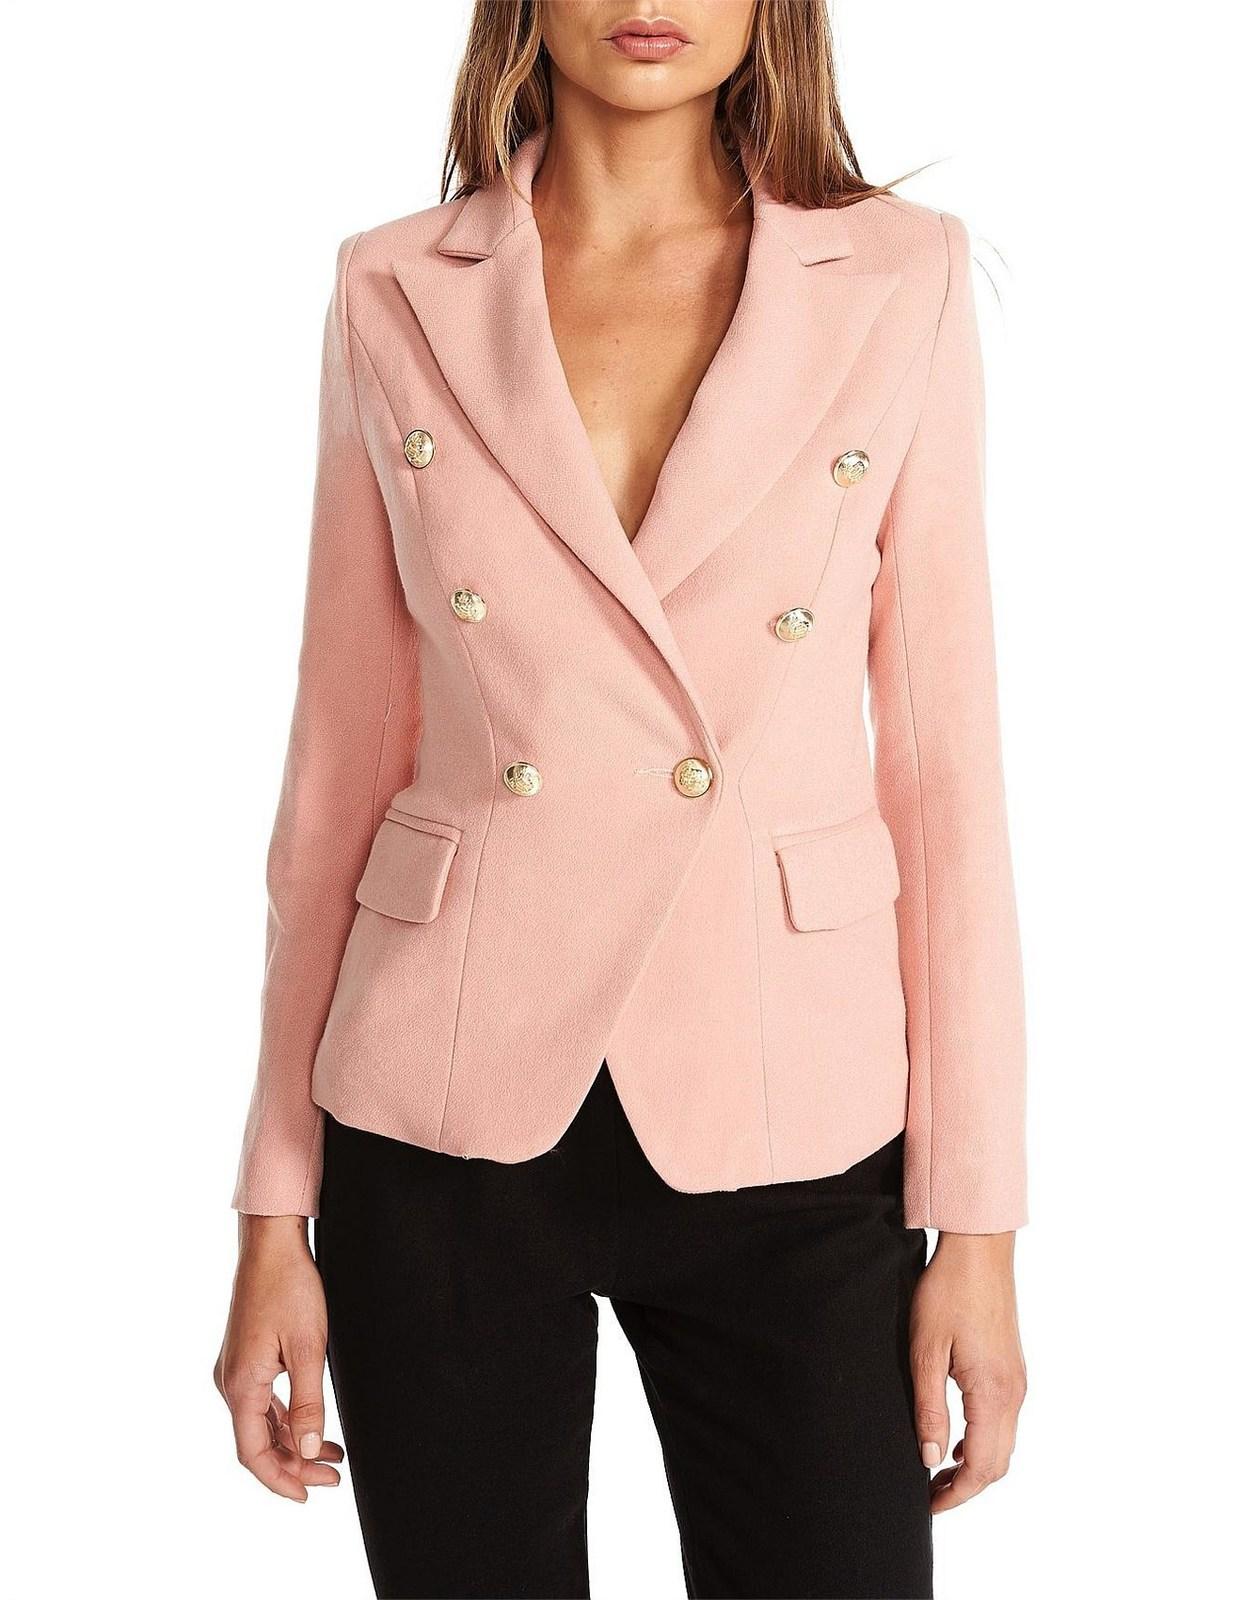 Buy: Palermo Jacket Size 14